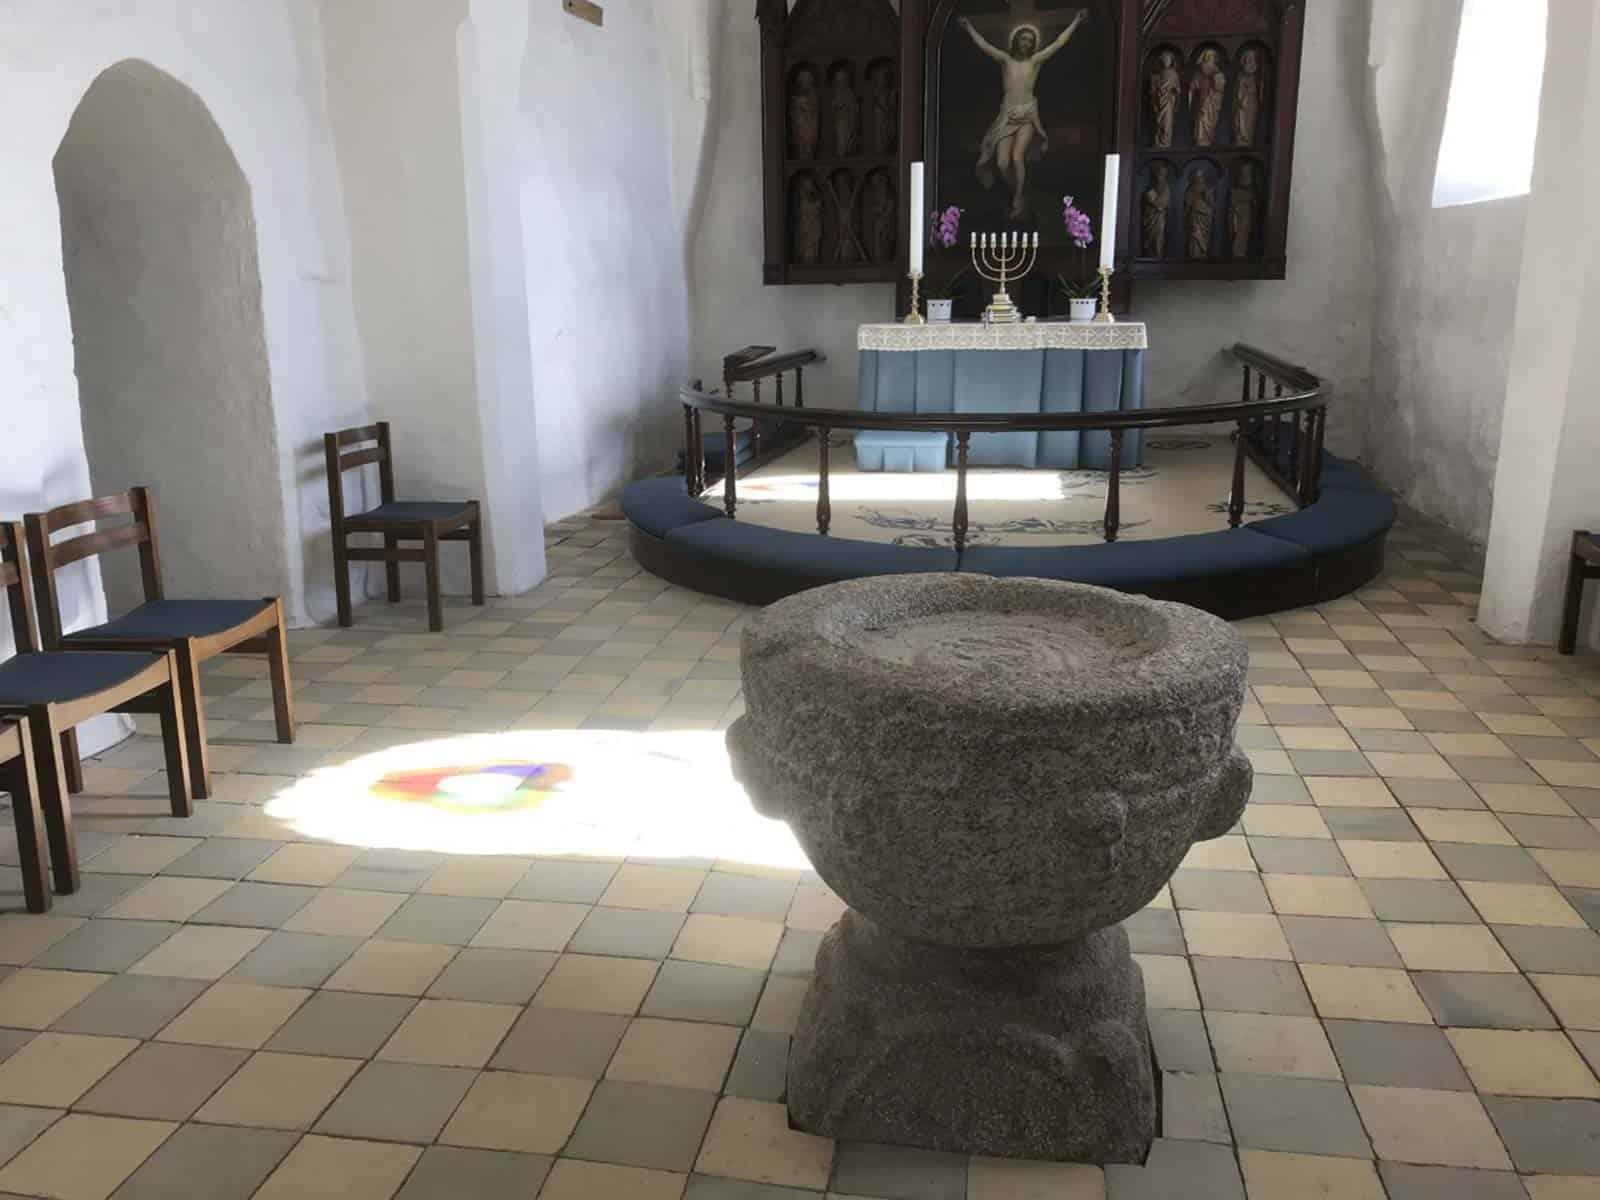 Tullebølle Kirke døbefond altertavle